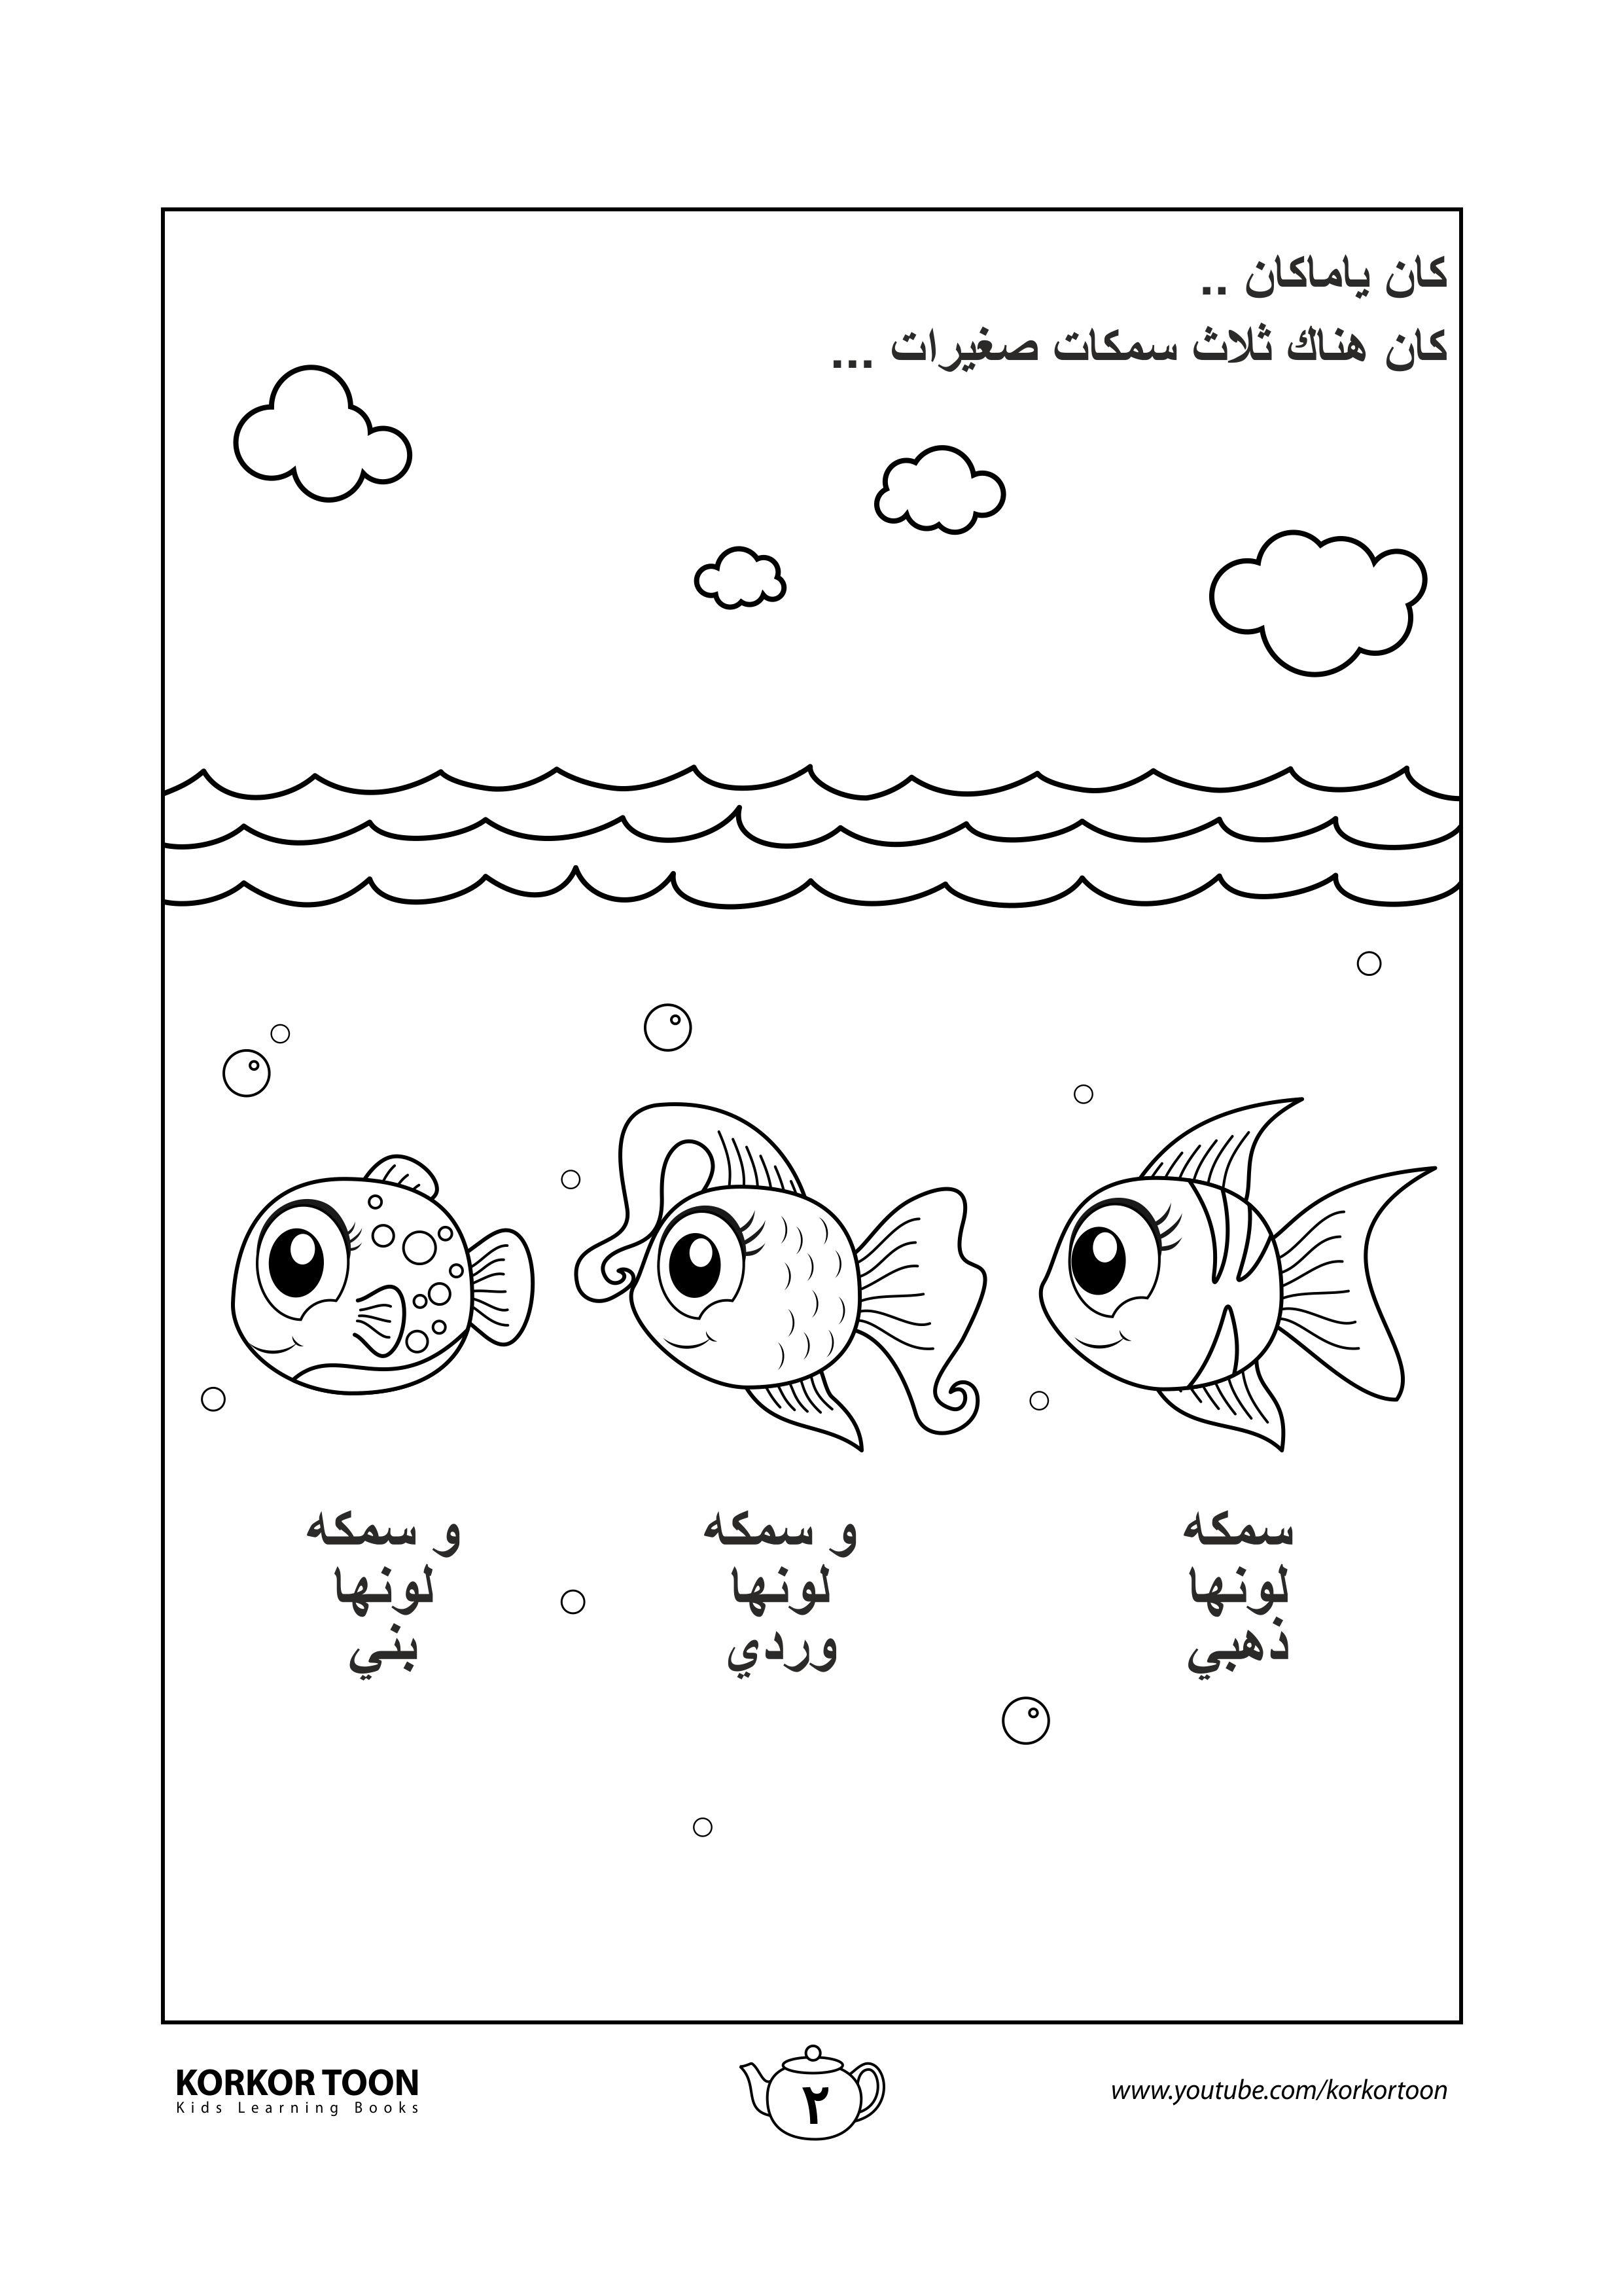 كتاب تلوين قصة السمكة المميزة صفحة 2 In 2021 Coloring Books Books Color